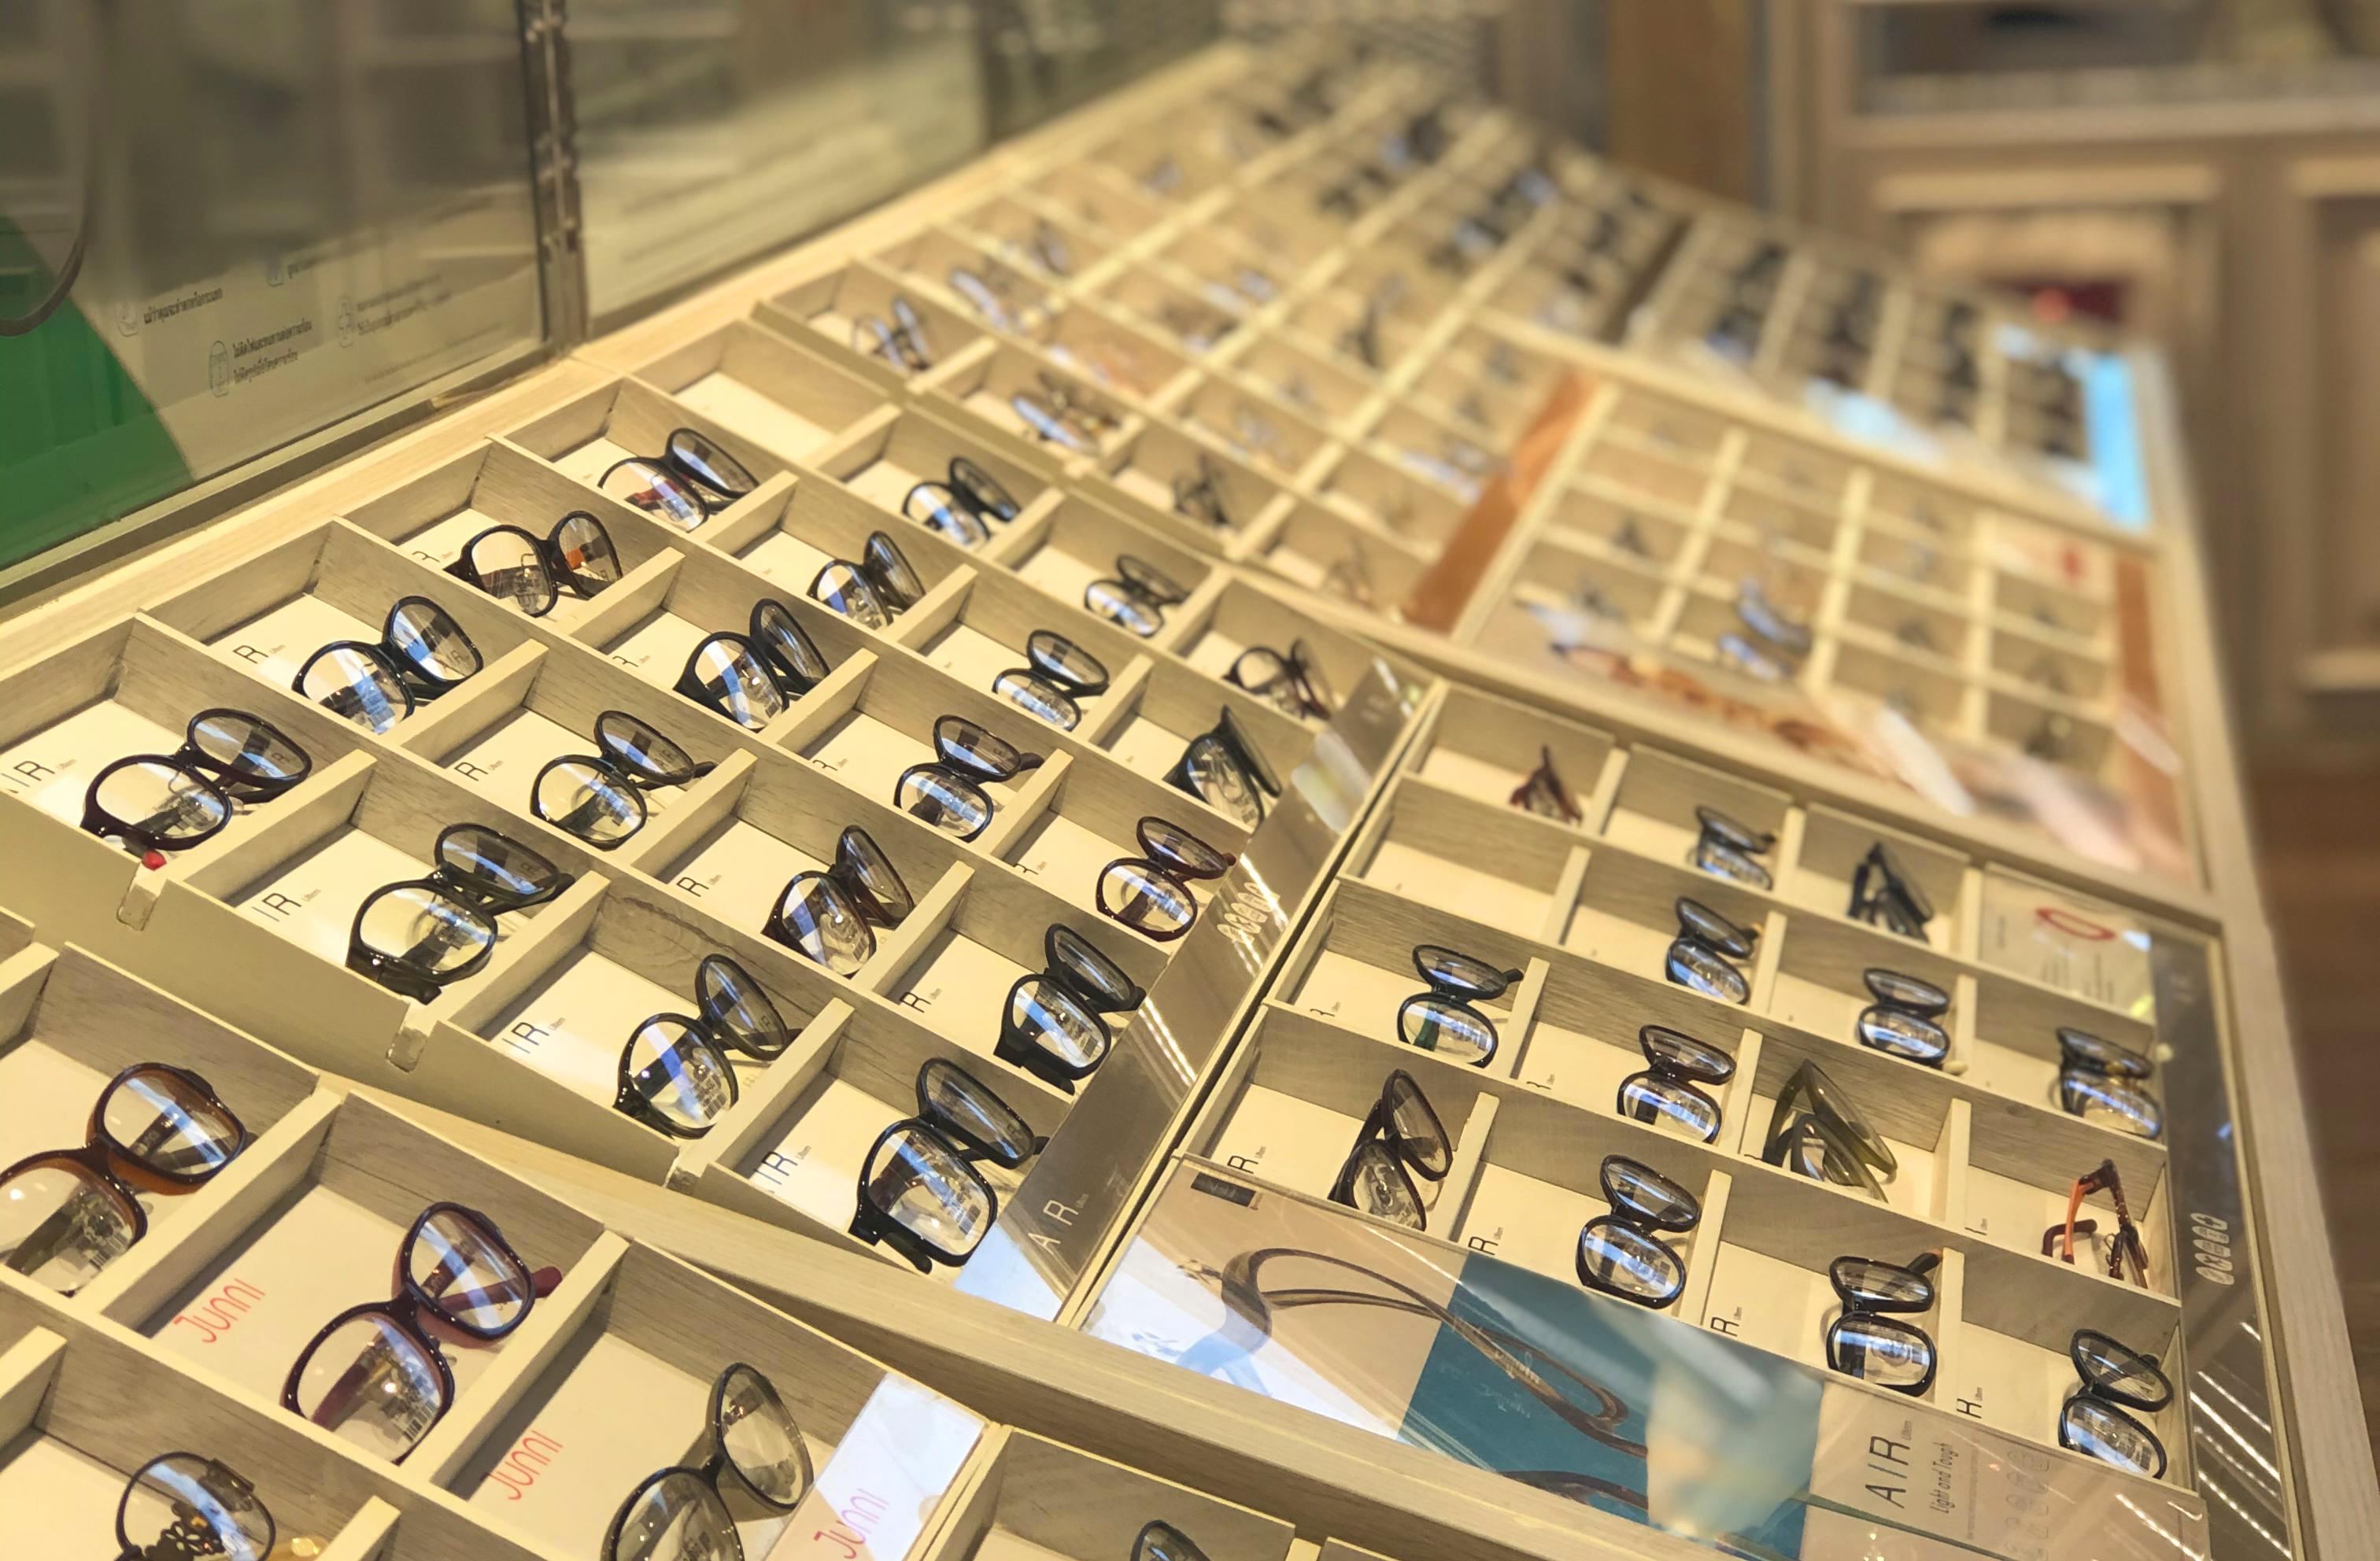 แว่นตา OWNDAYS (ภาพถ่ายโดยผู้เขียน)